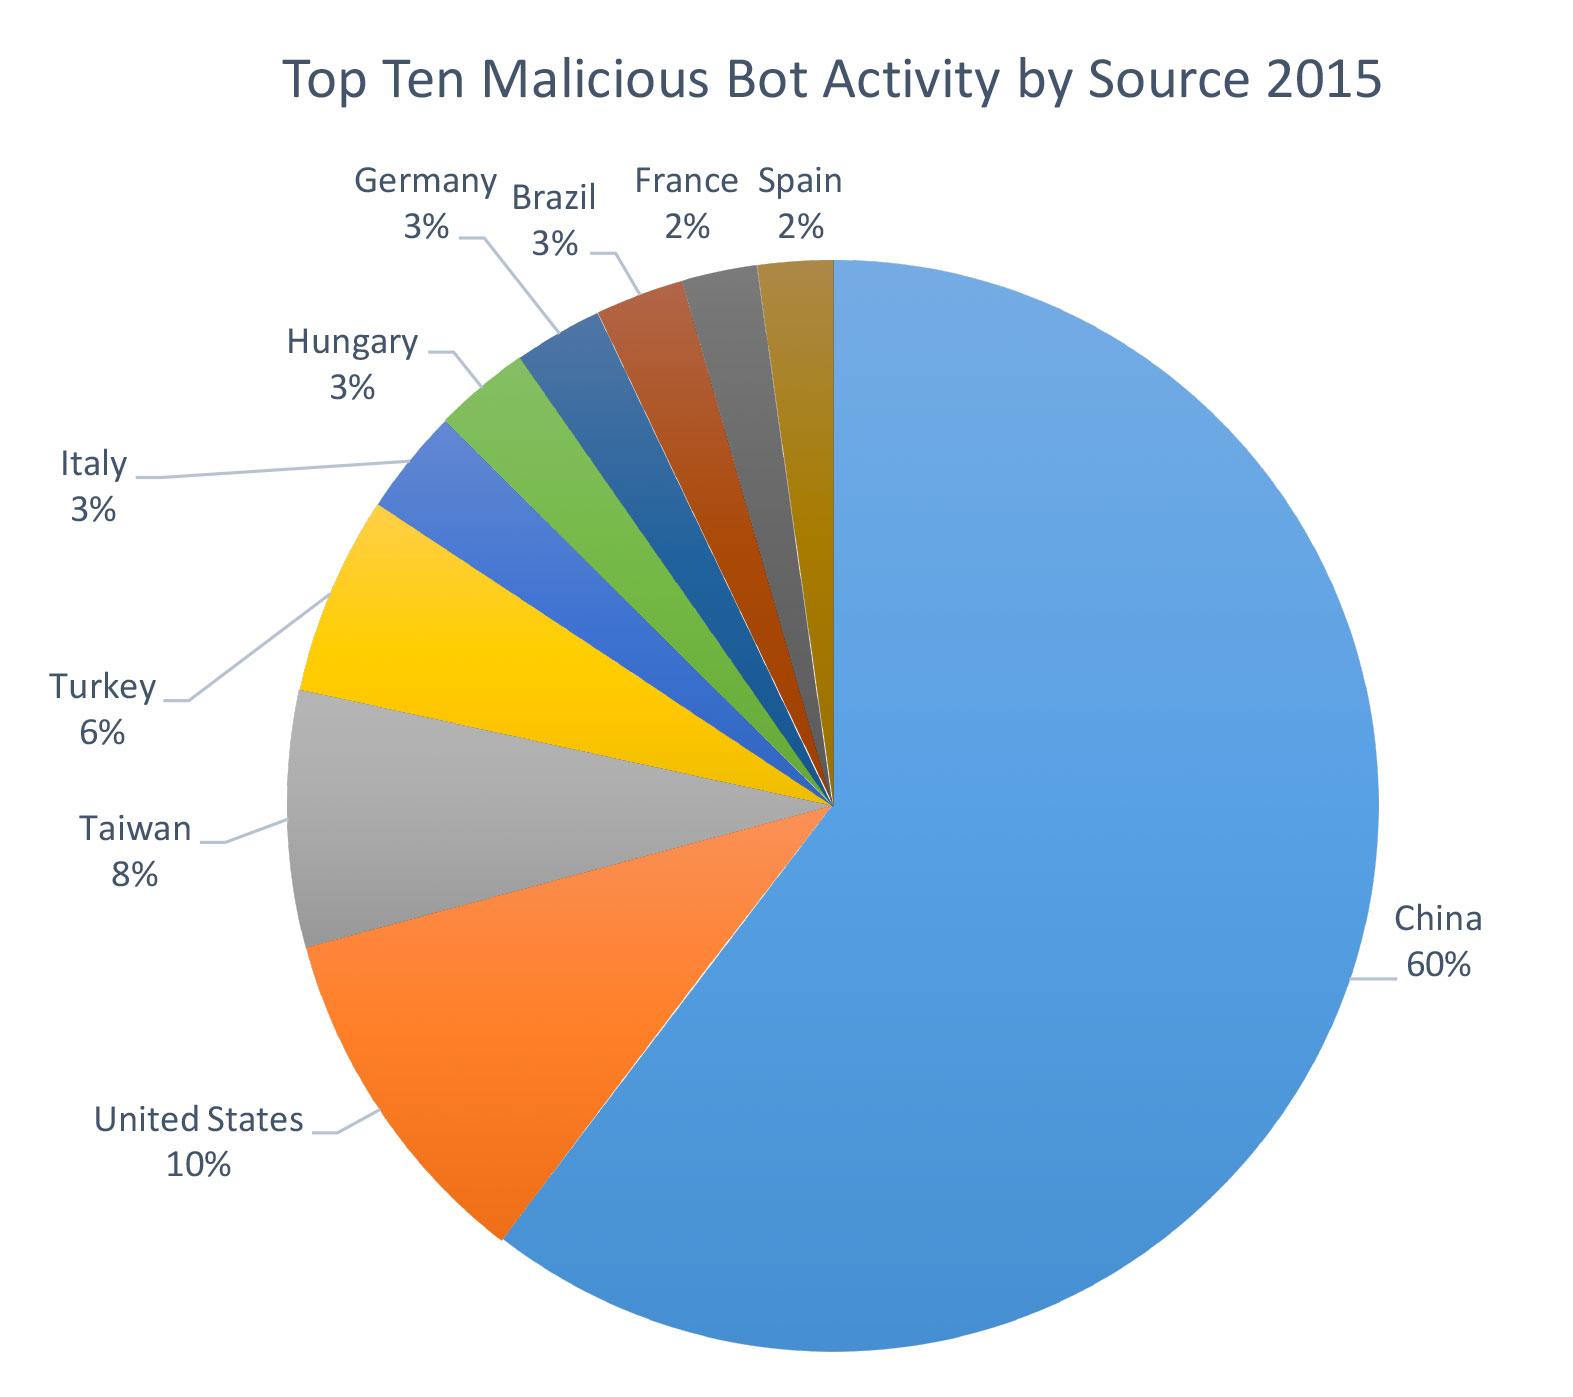 Malicious Bot Activity top ten countries 2015